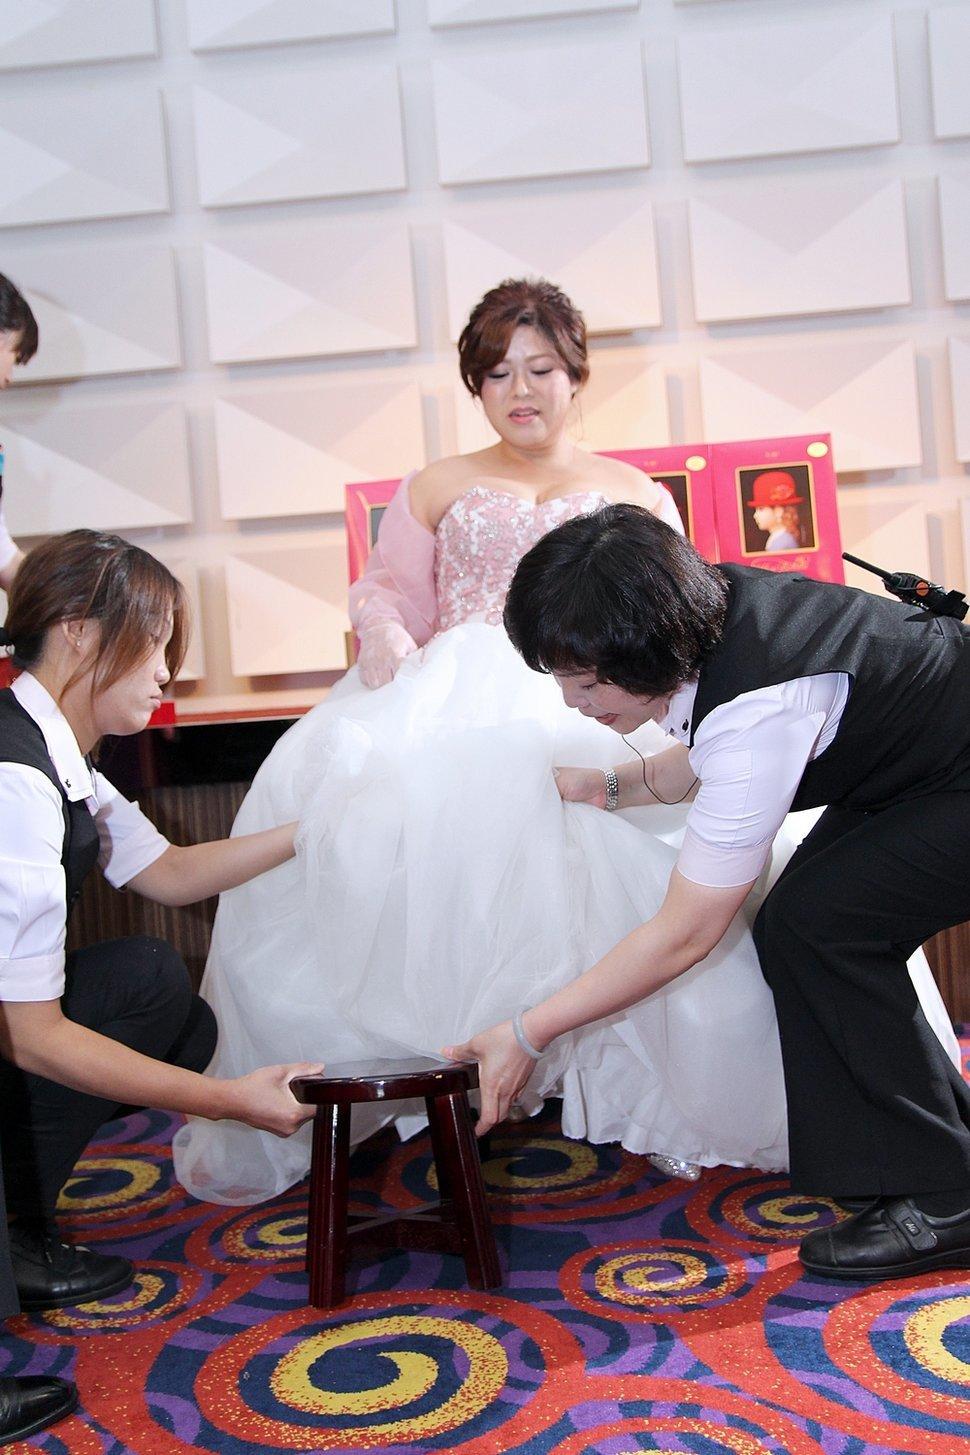 芳胤&雅雲(儀式+午宴)(編號:431279) - 瑞比婚禮紀錄攝影 - 結婚吧一站式婚禮服務平台